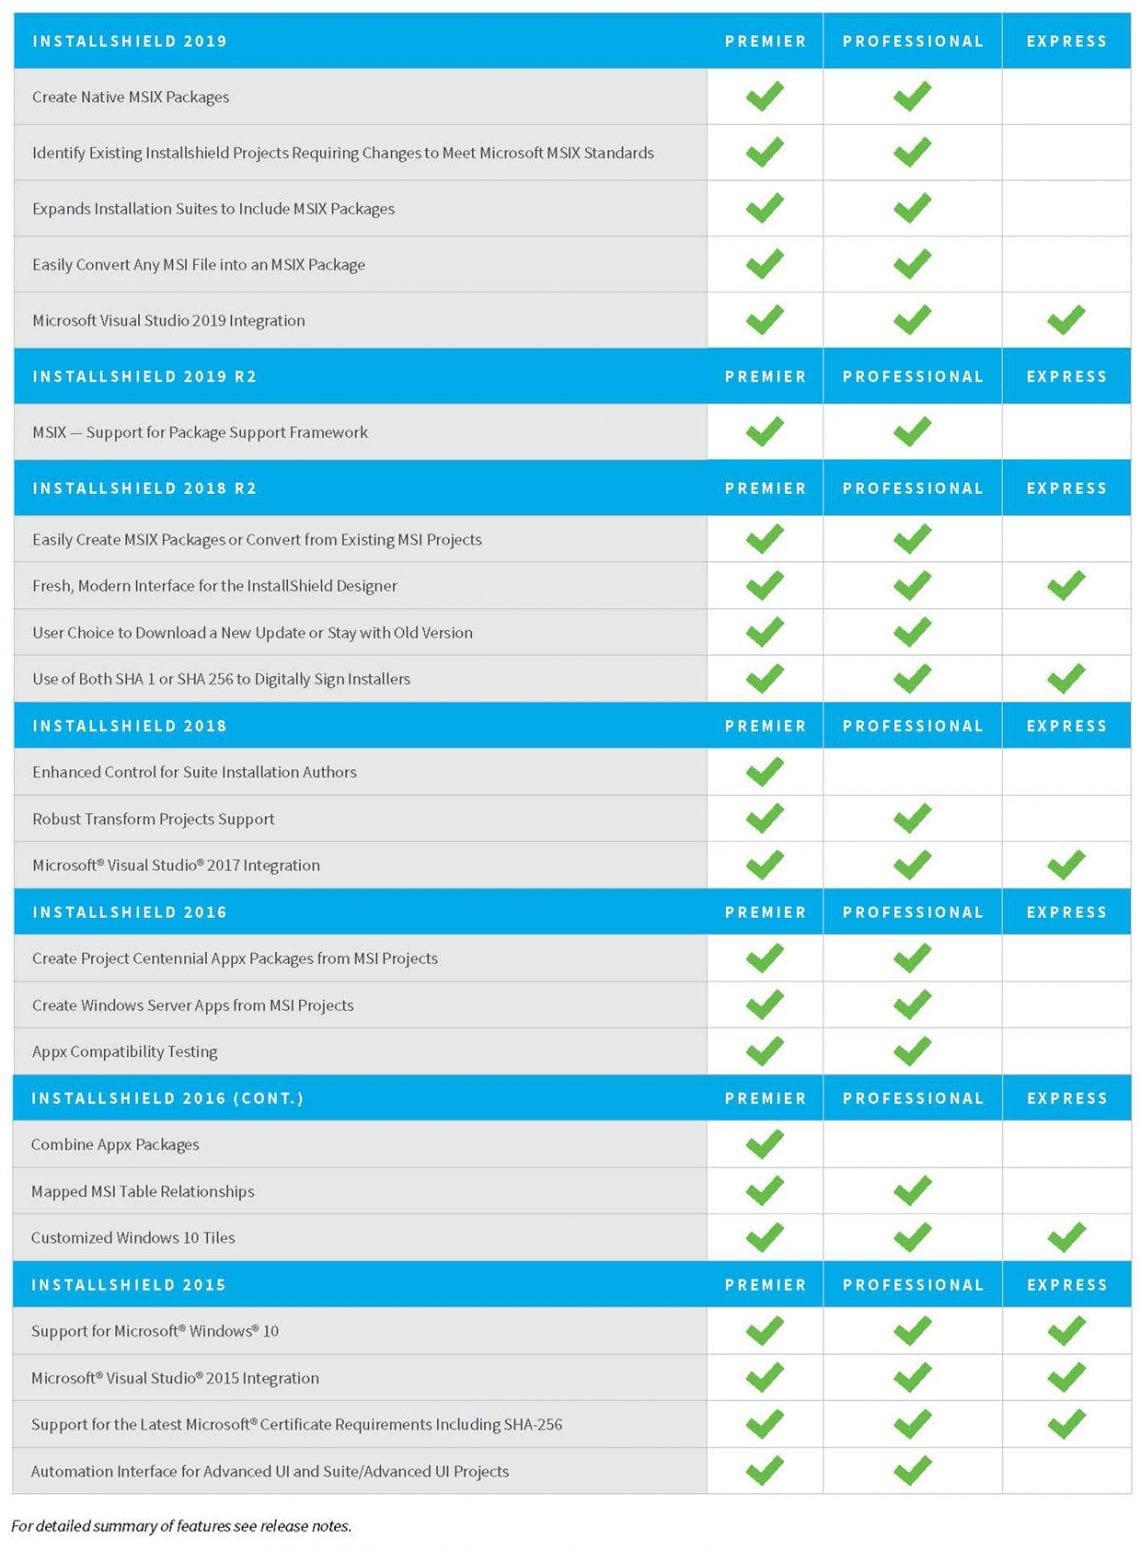 השוואת תכונות InstallShield 2019